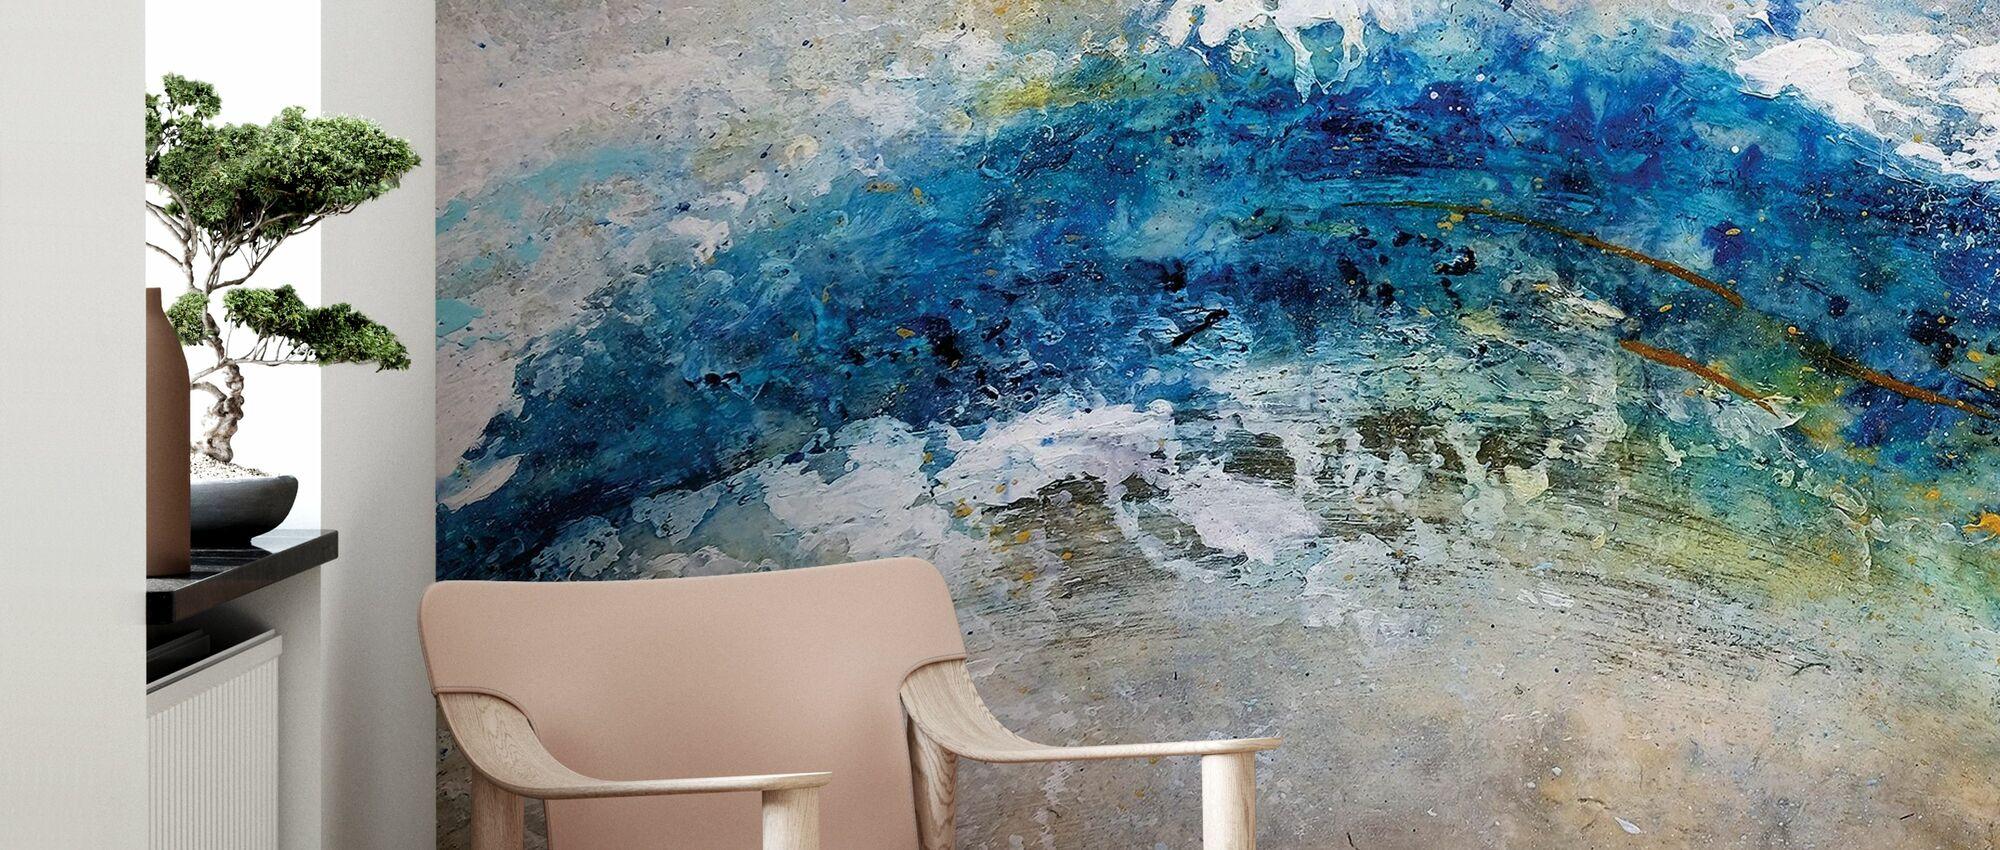 Wonderstorm - Wallpaper - Living Room